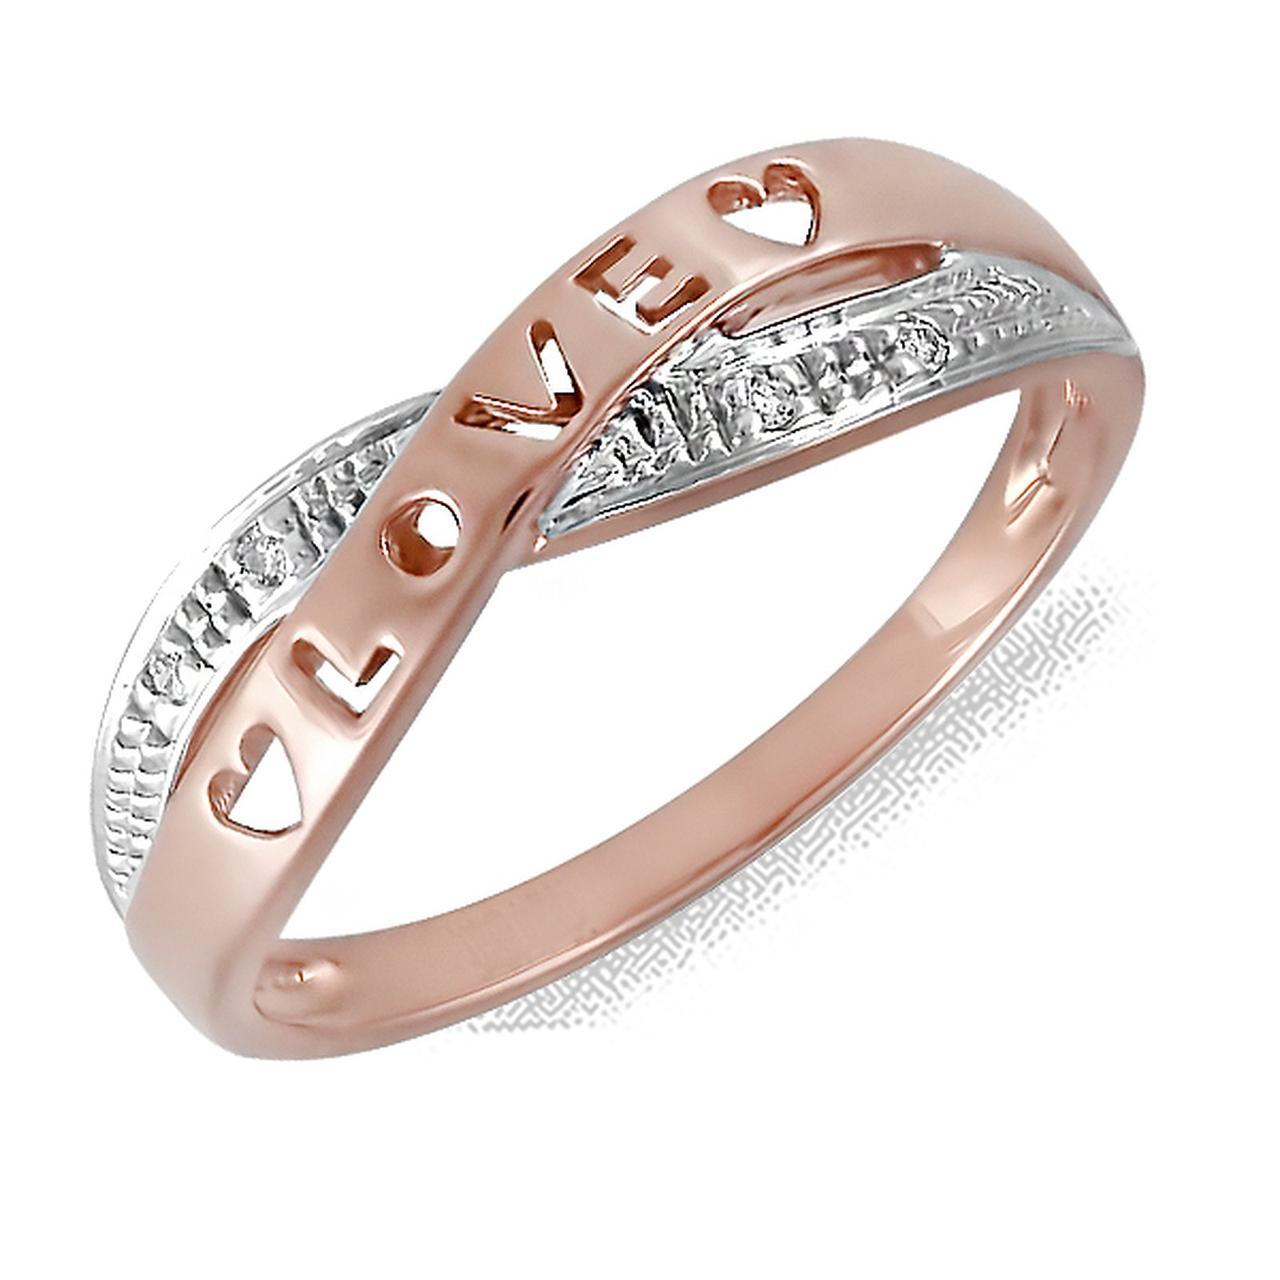 Золотое кольцо с бриллиантами, размер 17 (156333)